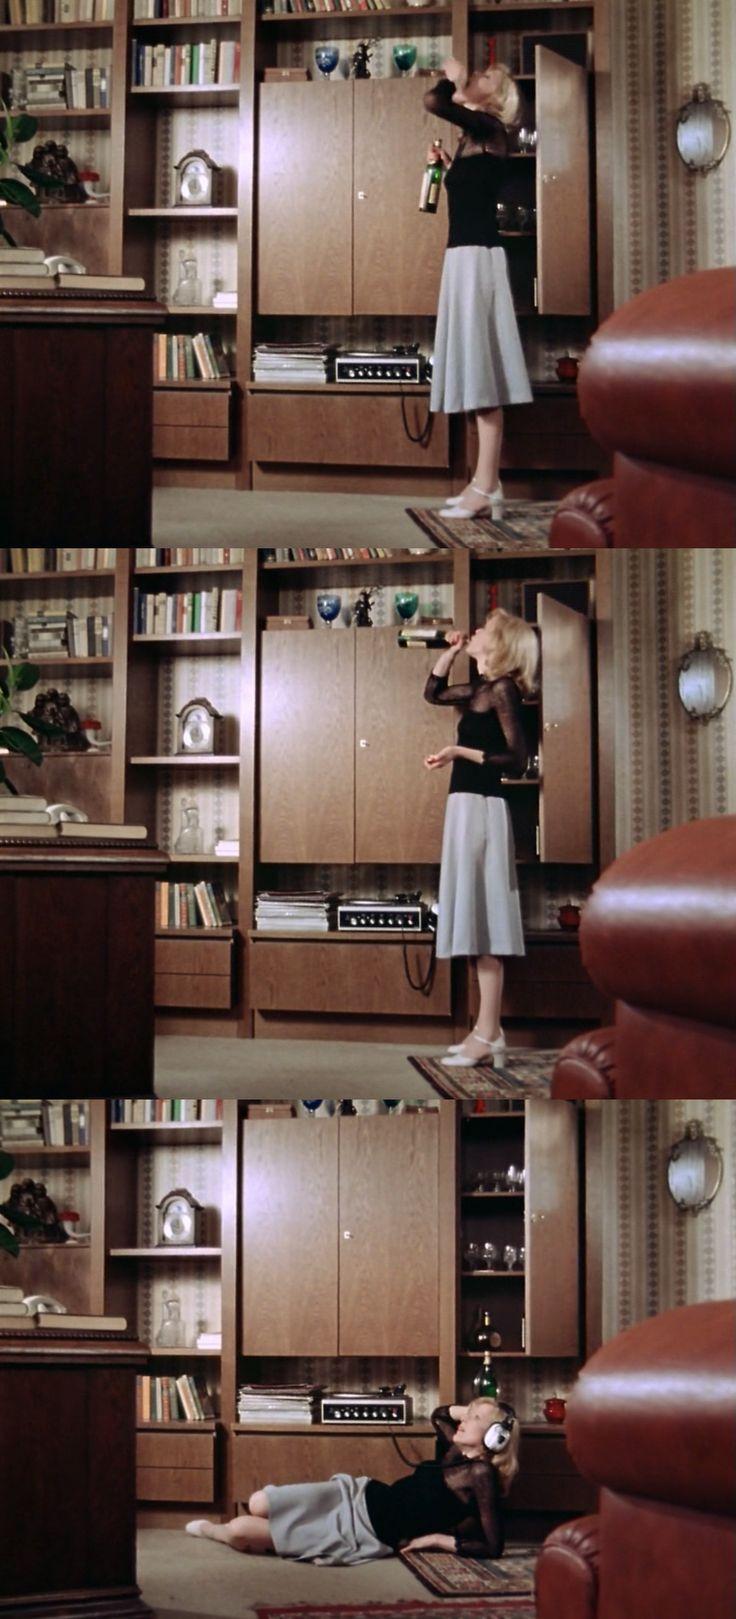 Angst vor der Angst (Fear of Fear), 1975 - Rainer Werner Fassbinder